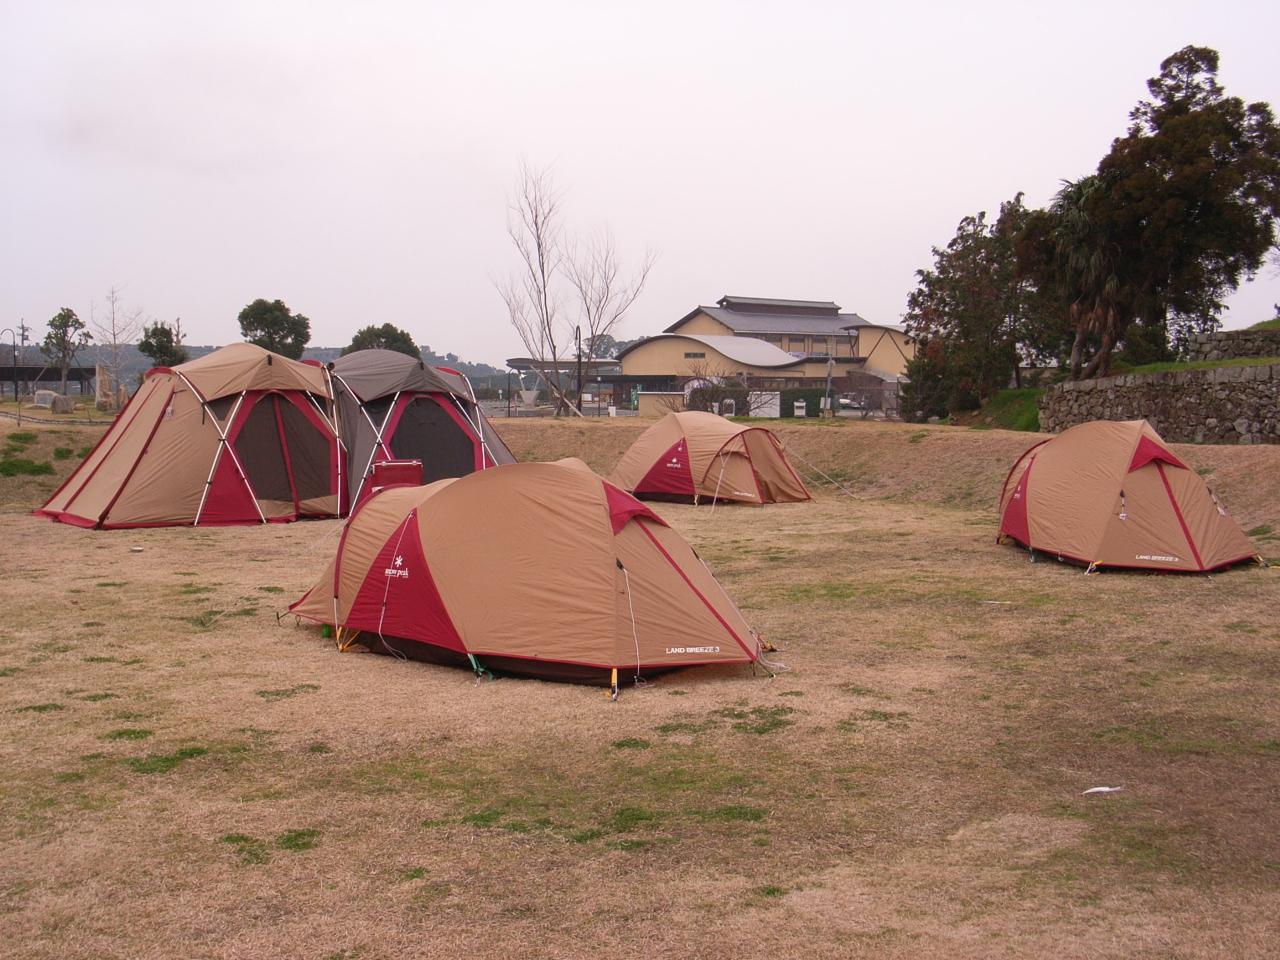 草枕 温泉 てん すい キャンプ 場